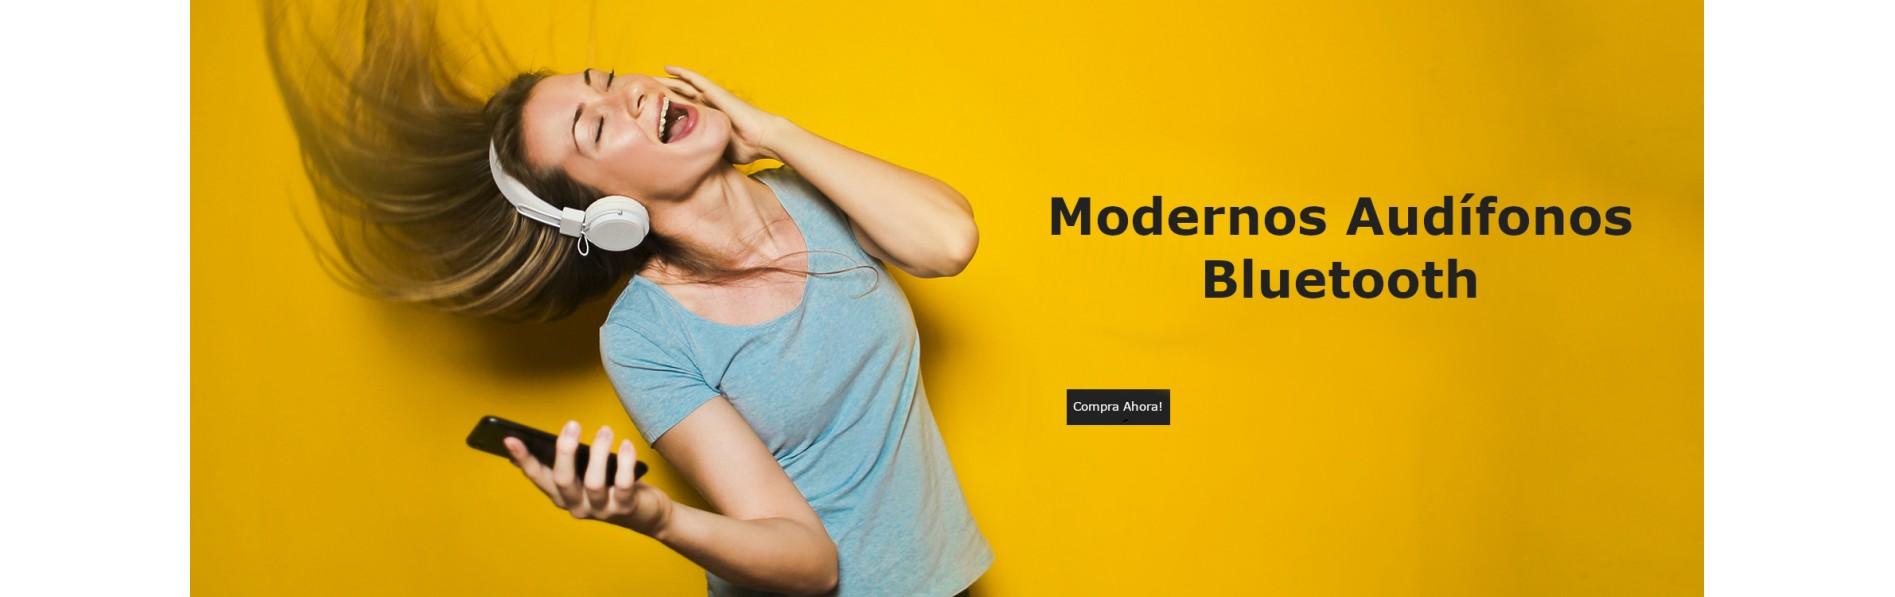 Modernos Audífonos